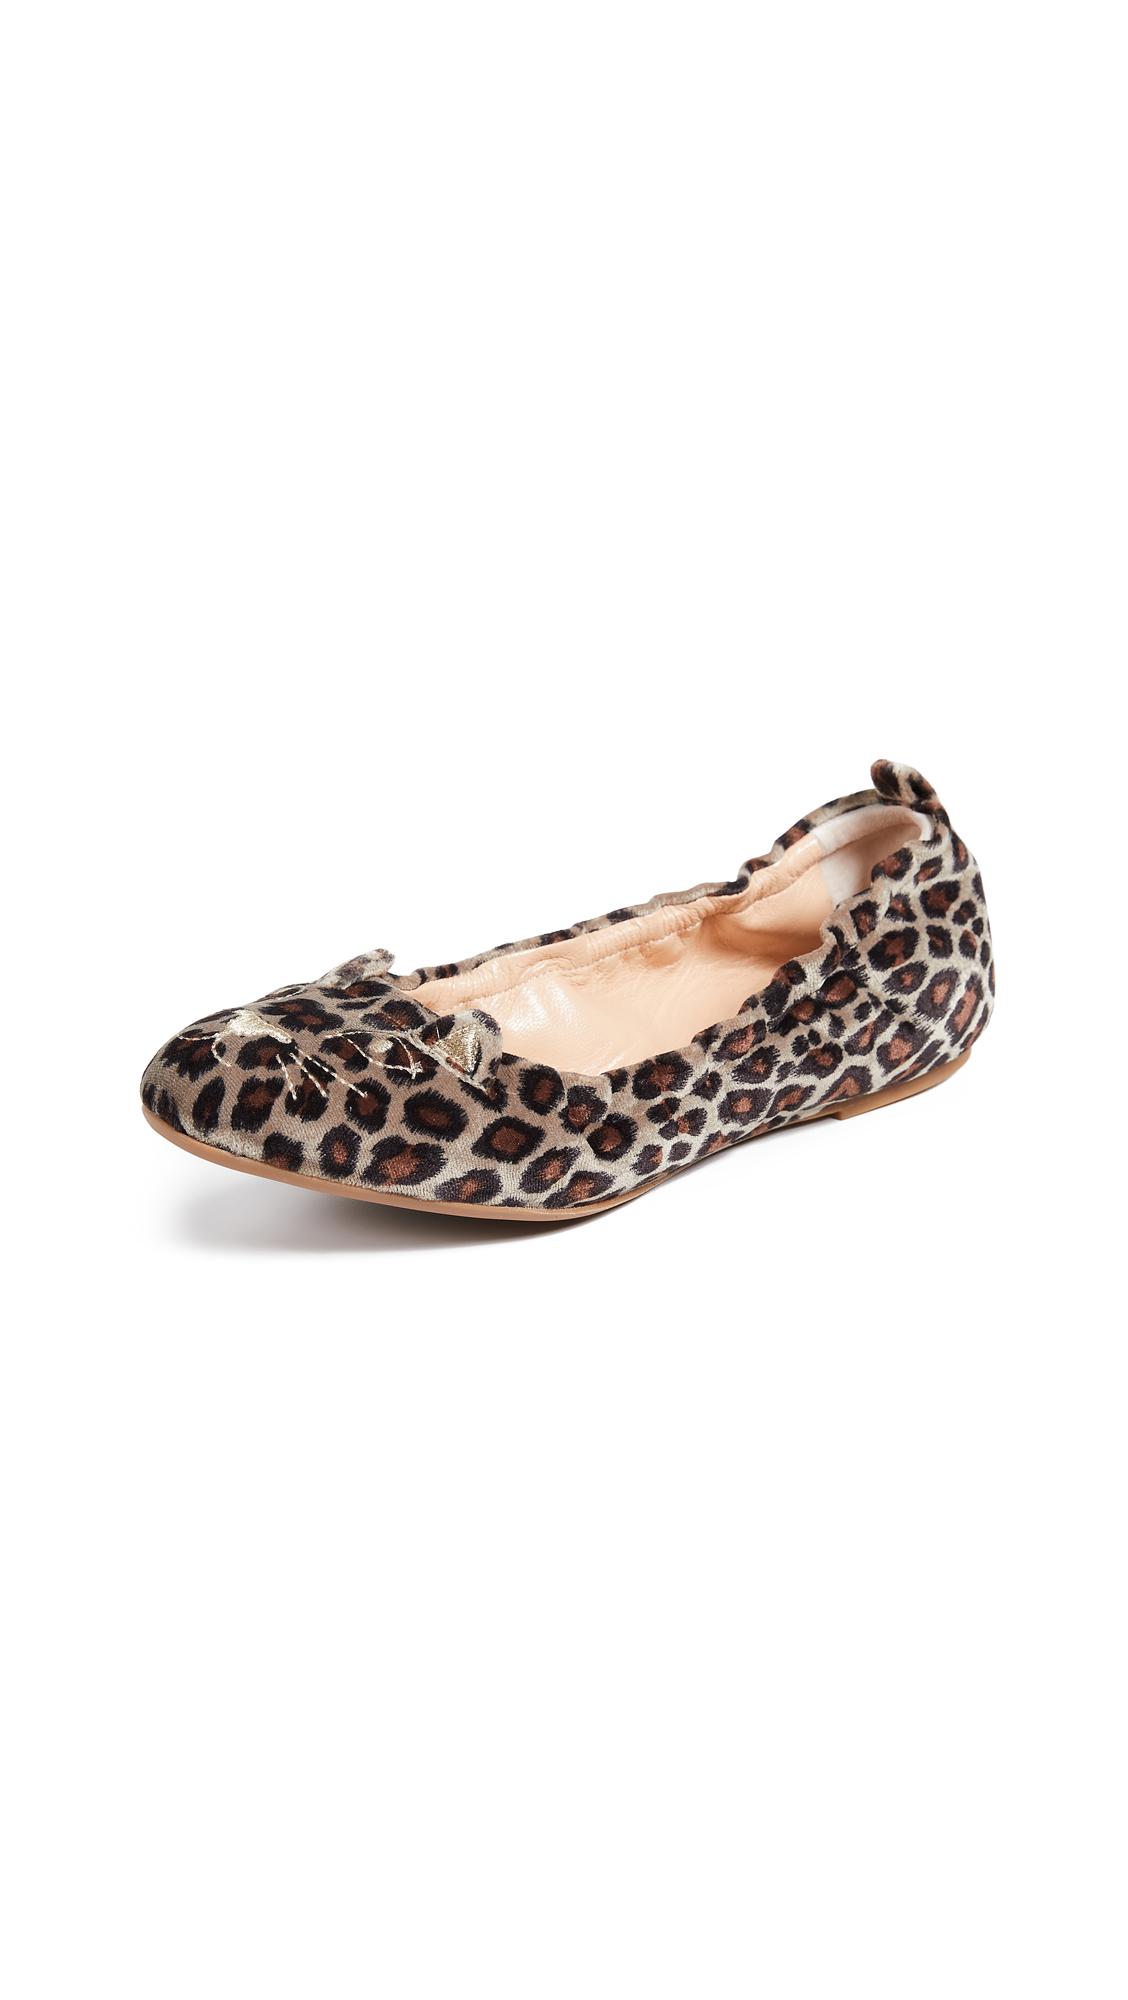 Charlotte Olympia Kitty Ballerina Flats - Leopard